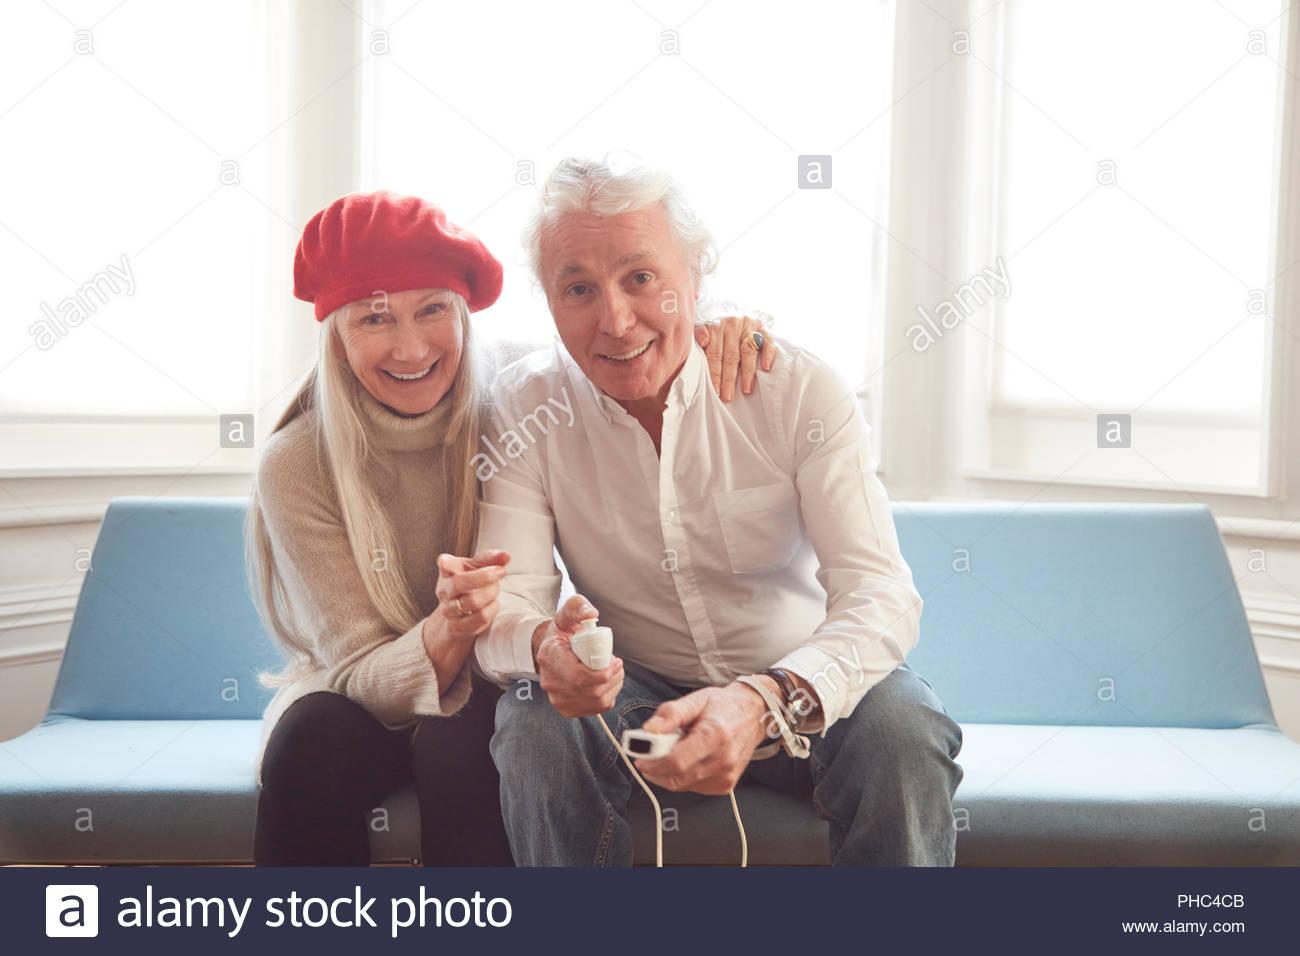 Las parejas ancianas jugando juegos de video Imagen De Stock